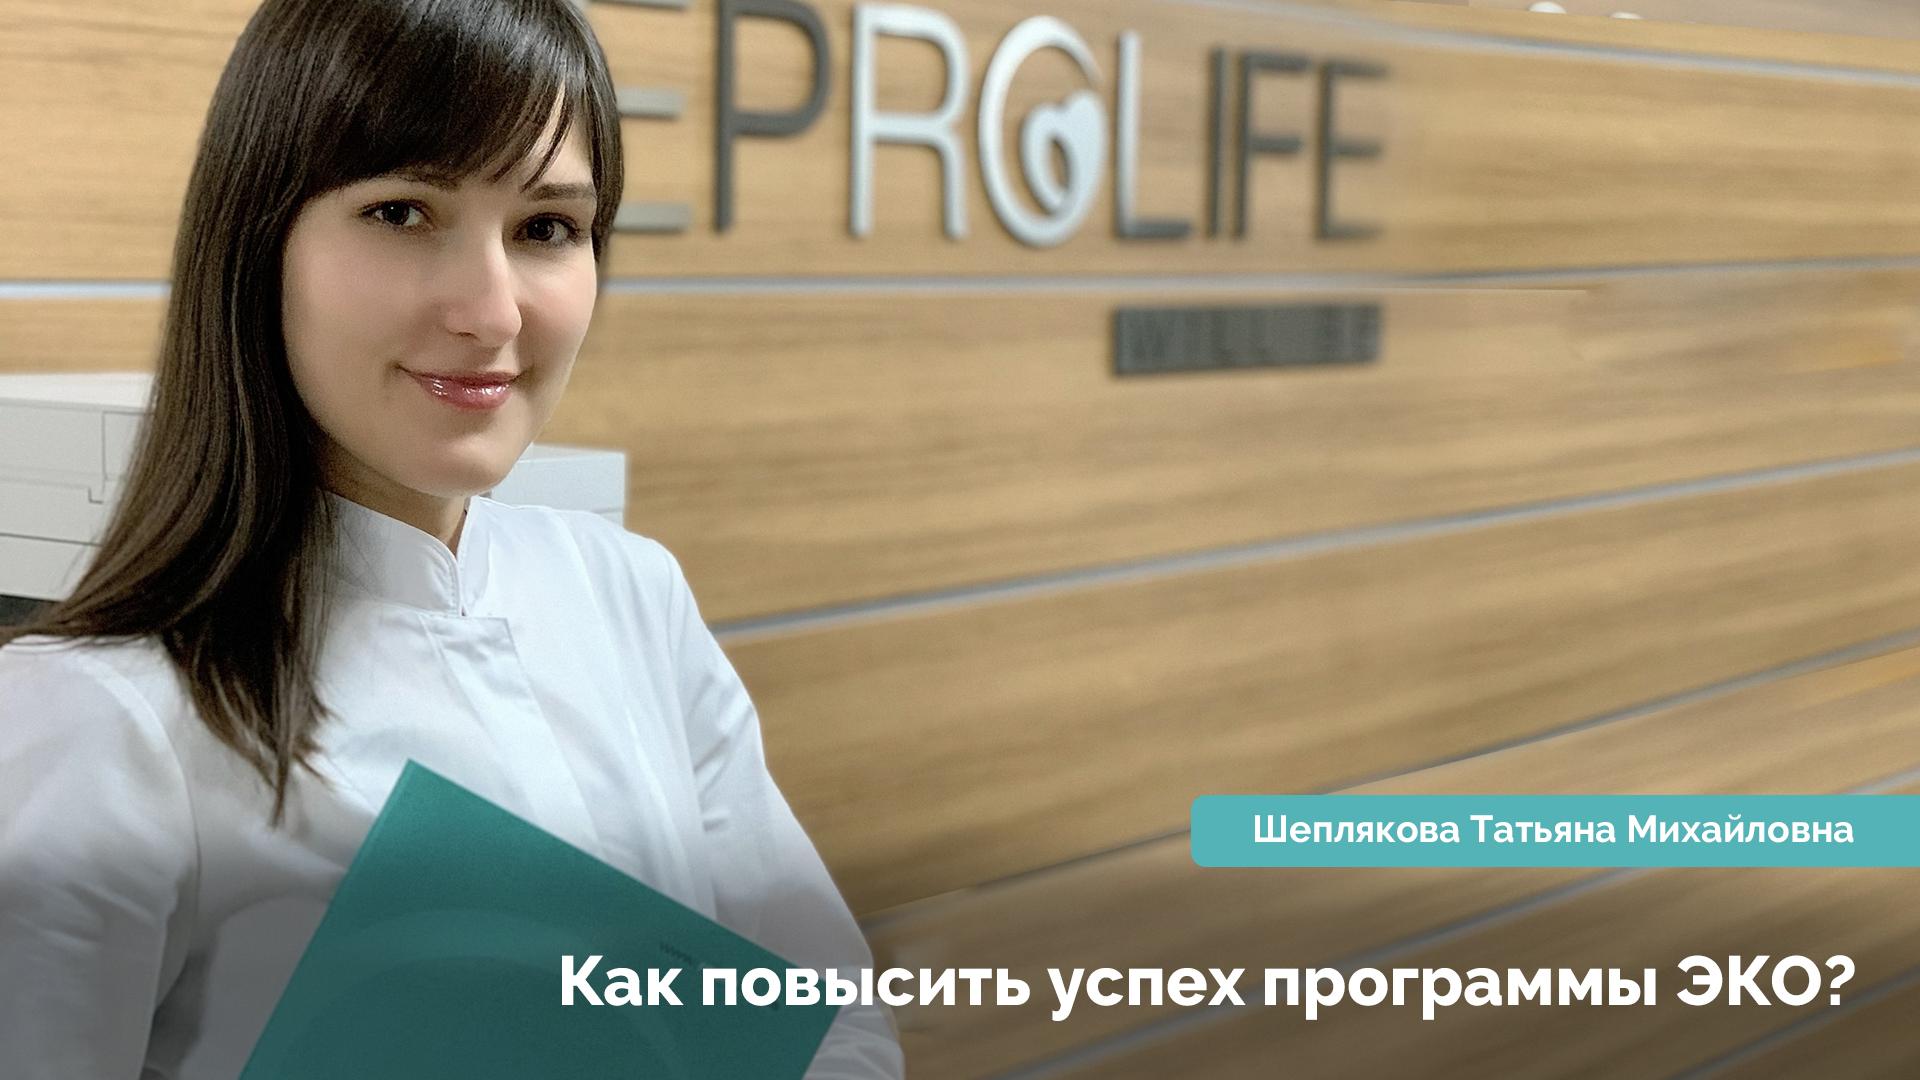 Как повысить успех программы ЭКО? Шеплякова Татьяна Михайловна